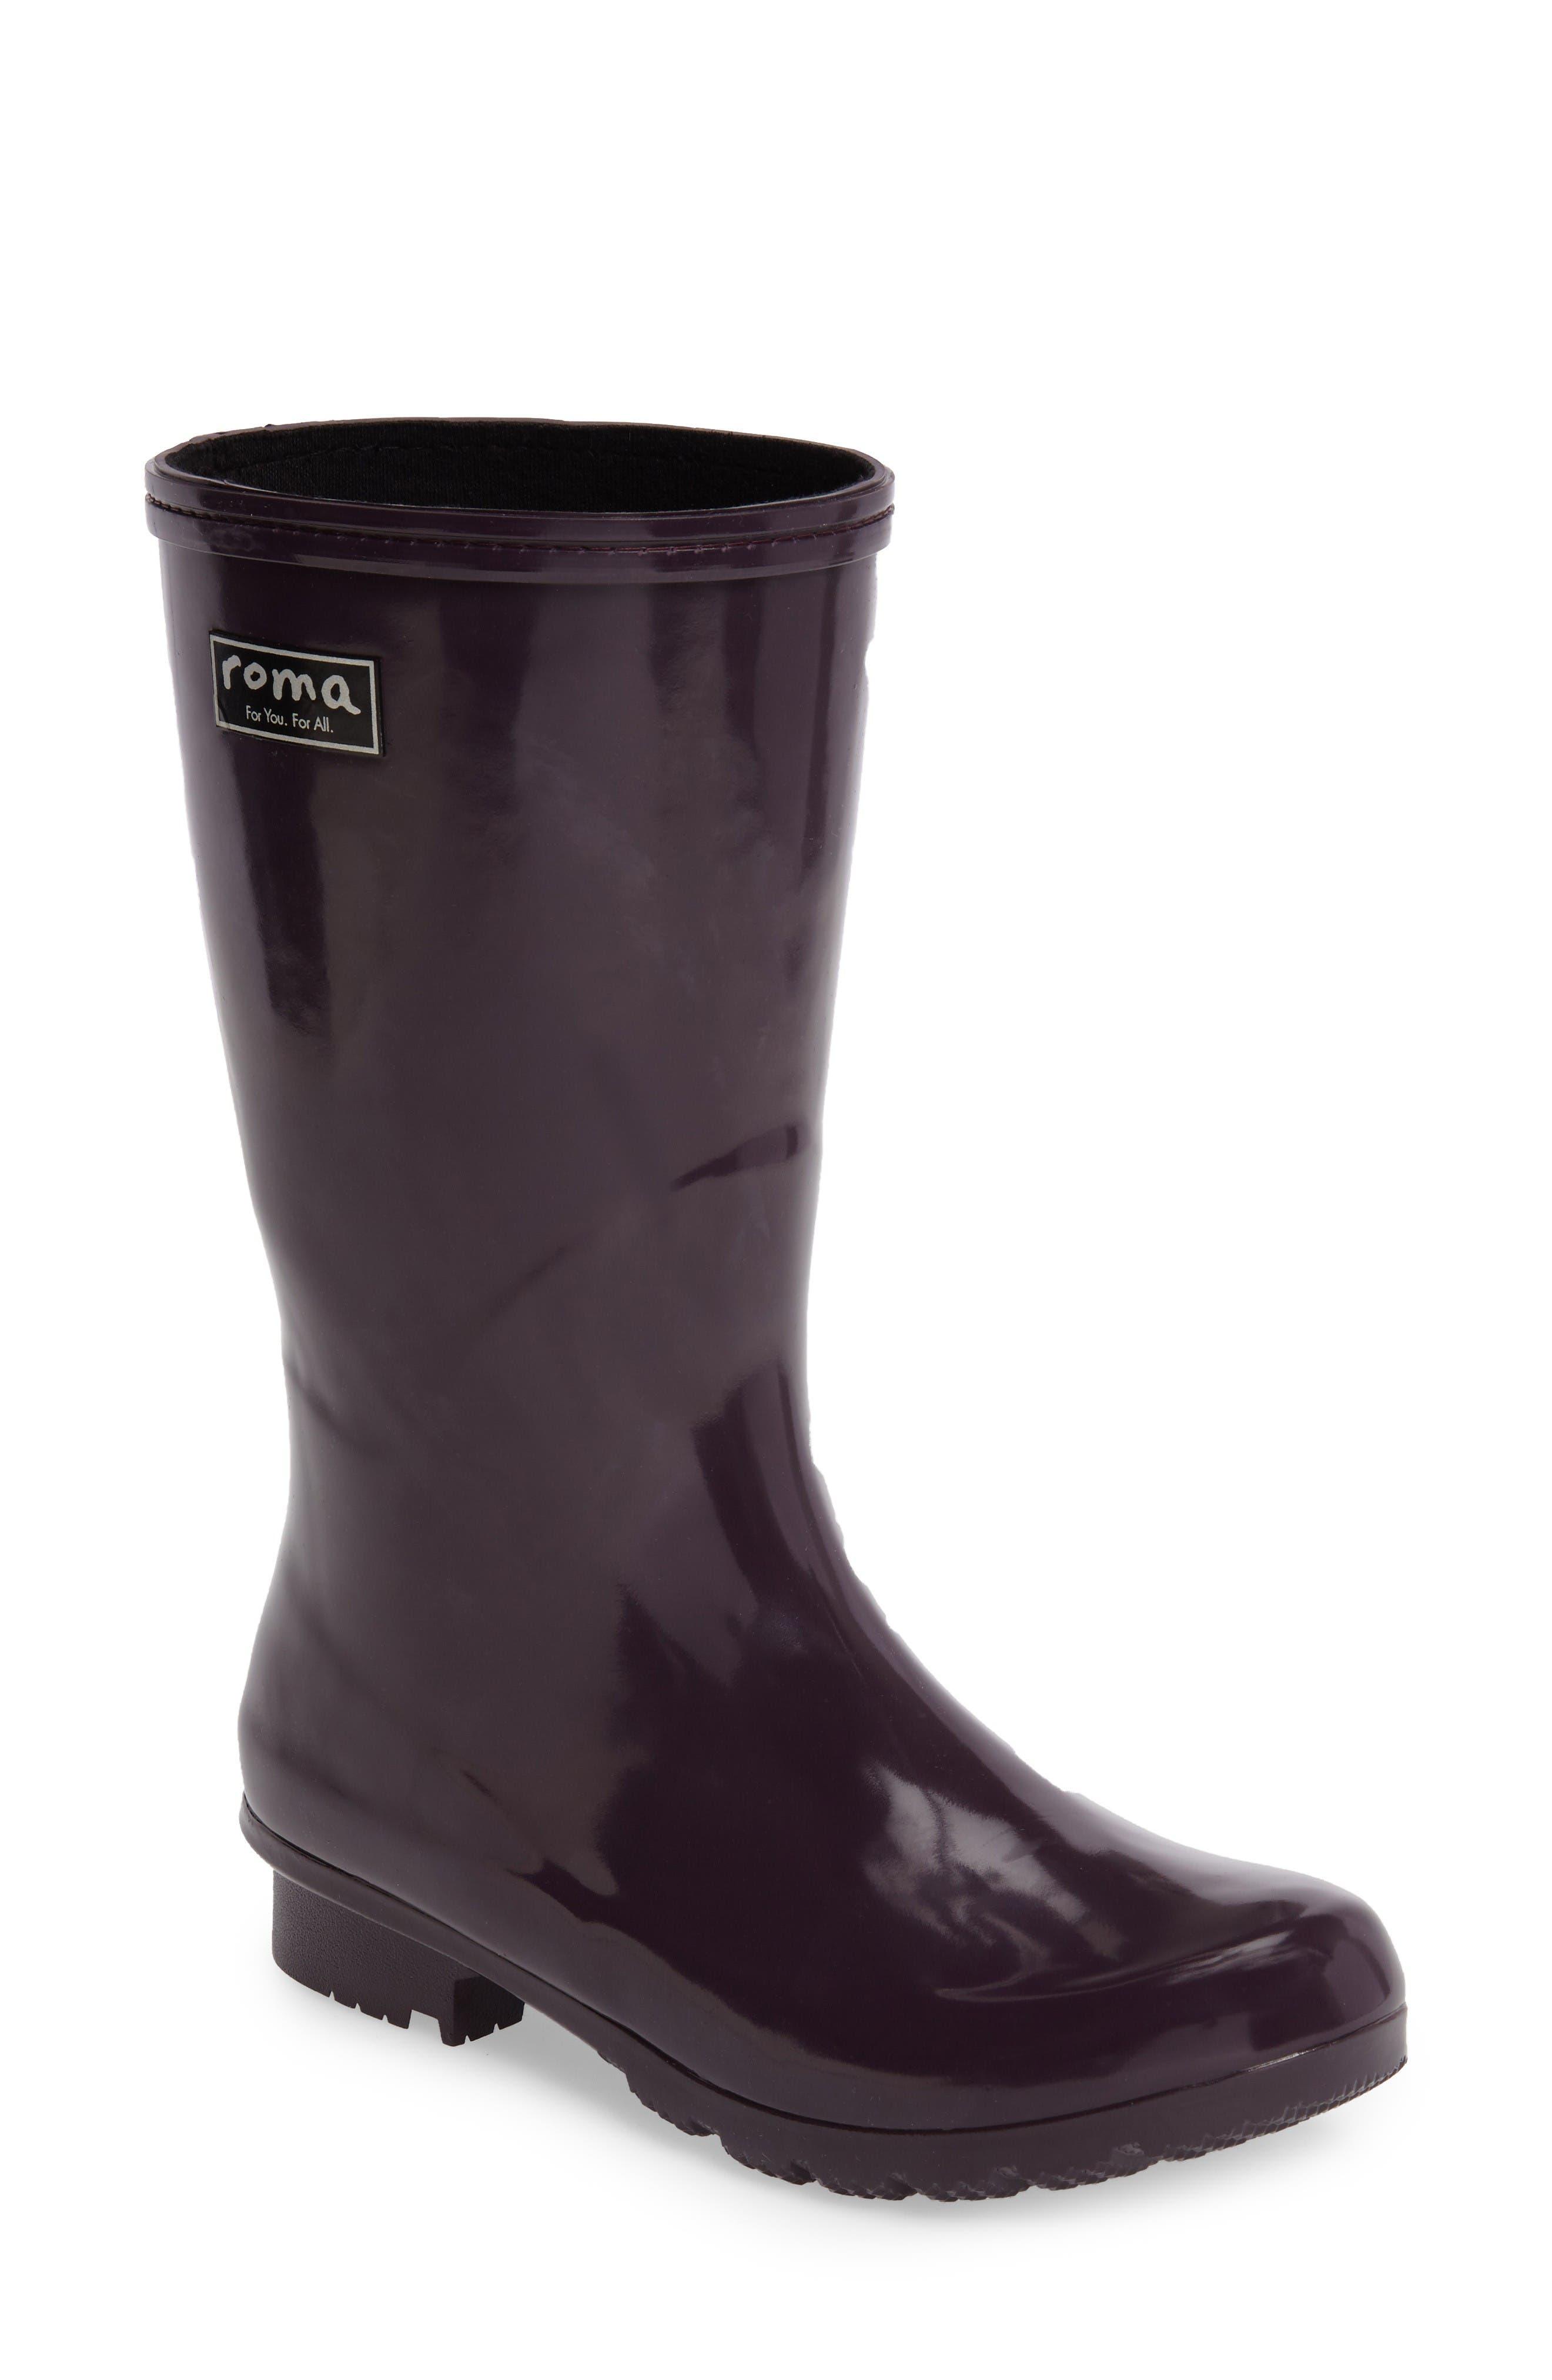 Main Image - roma Short Rain Boot (Women)